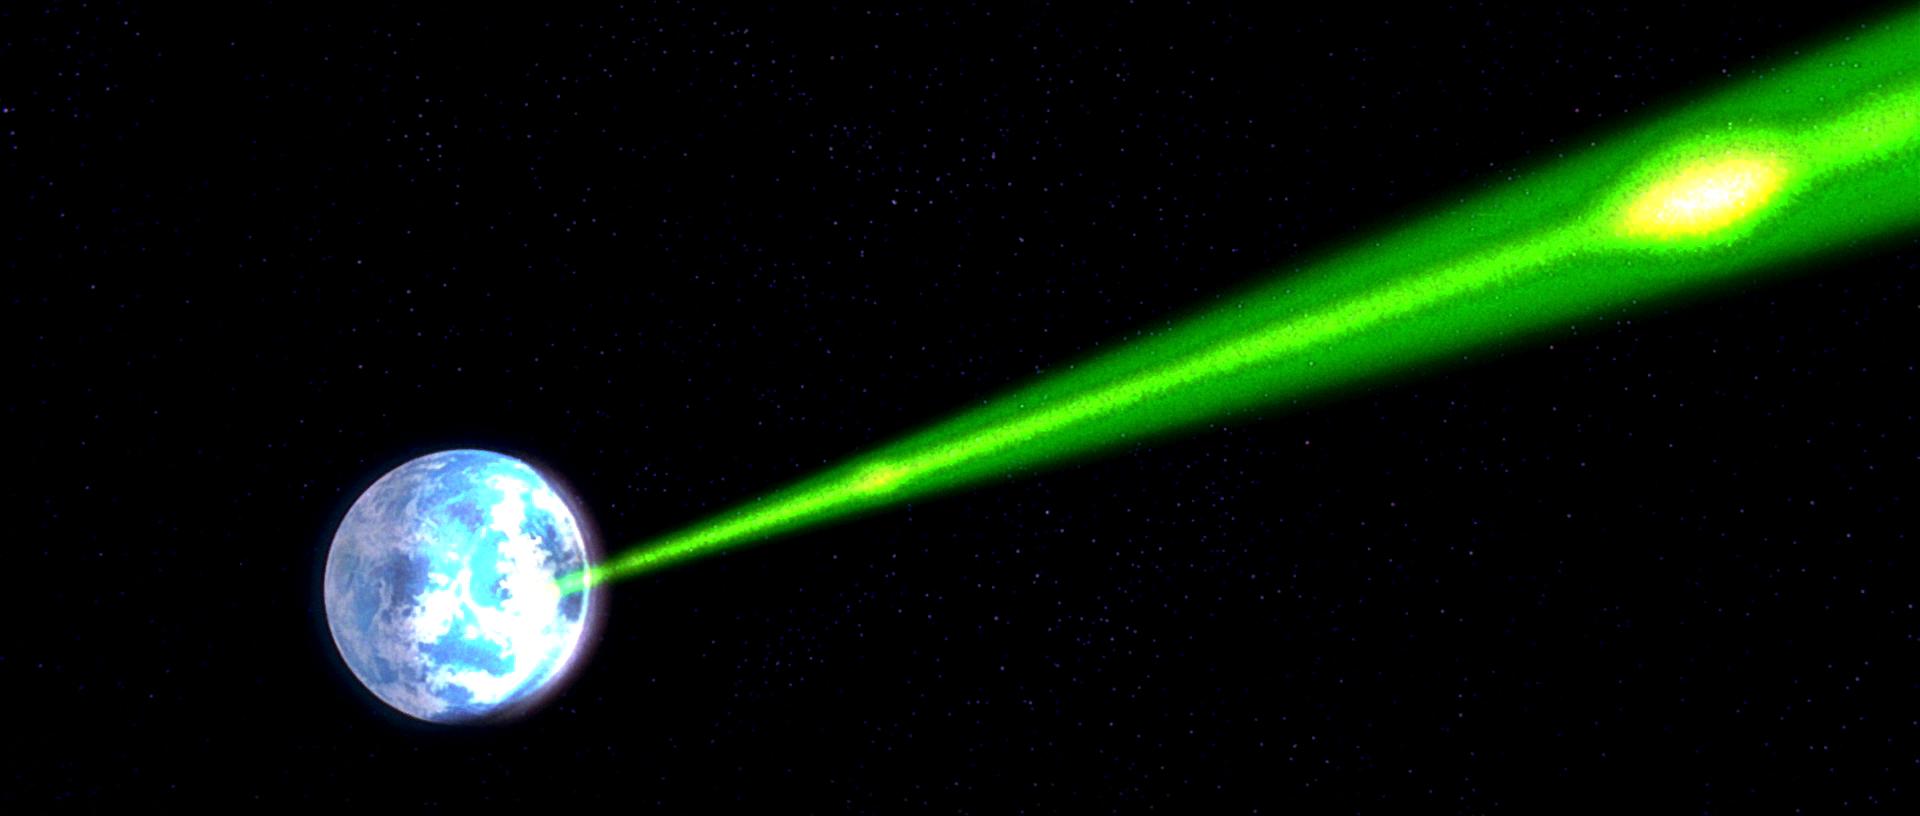 ¿Cuánta energía es necesaria para destruir un planeta?